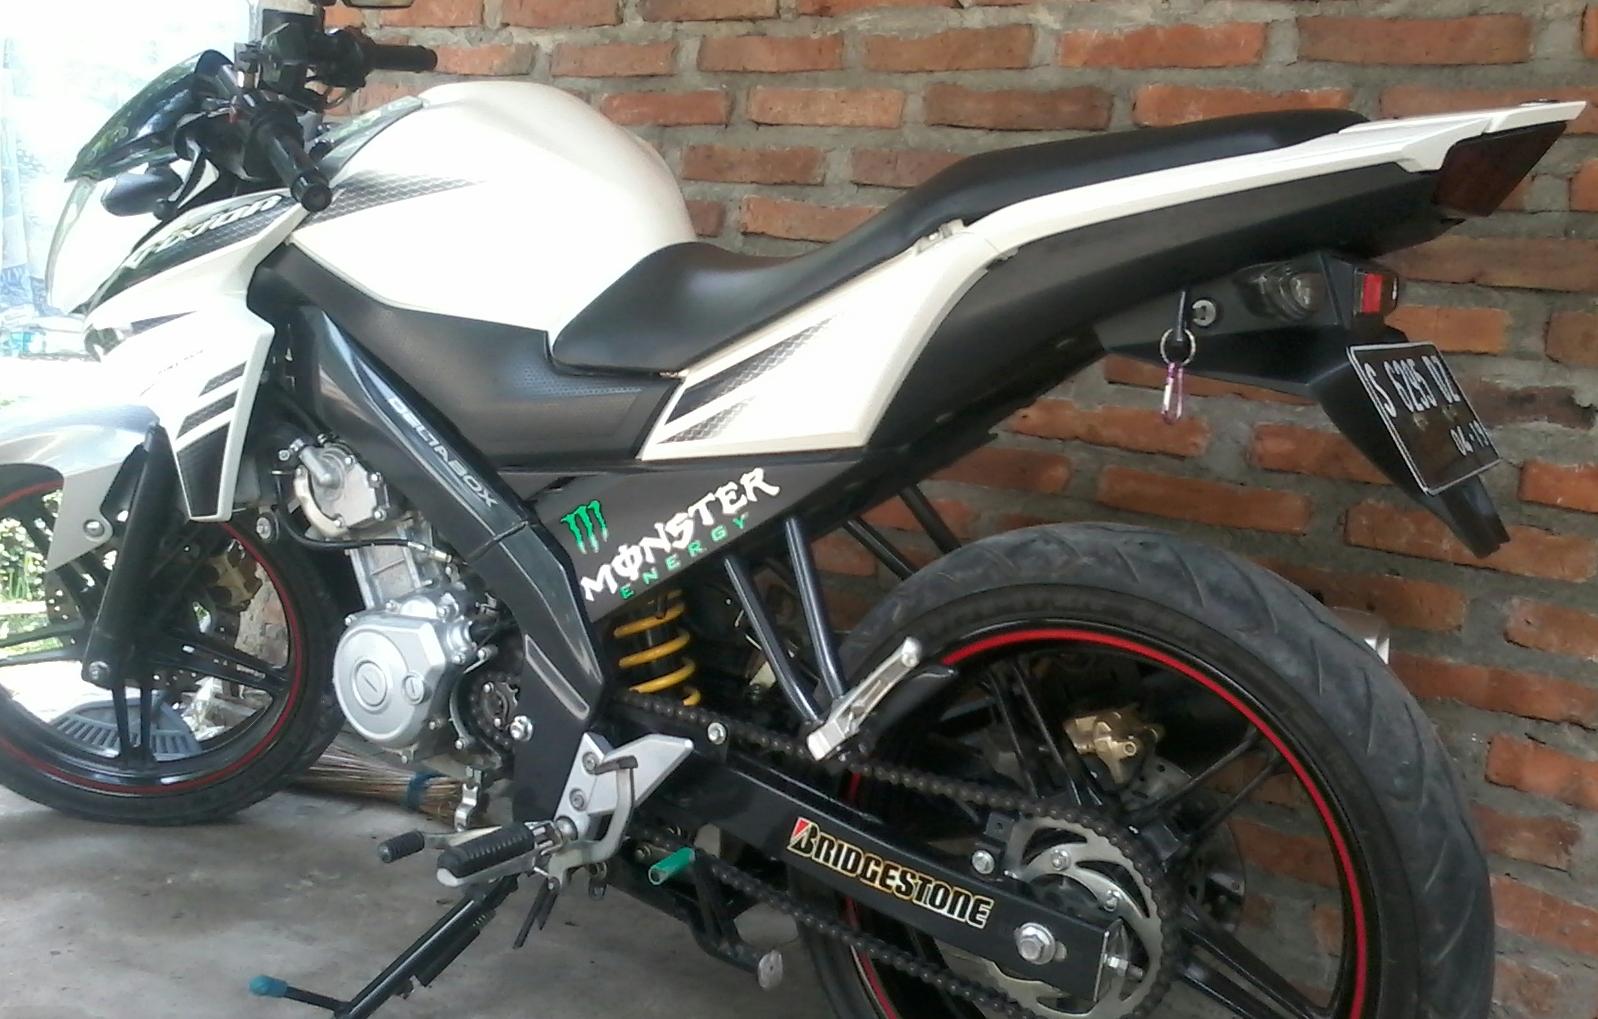 WHD New Vixion Potong Slebor Dan Ganti Stang Jepit Ganteng Tambah Coy